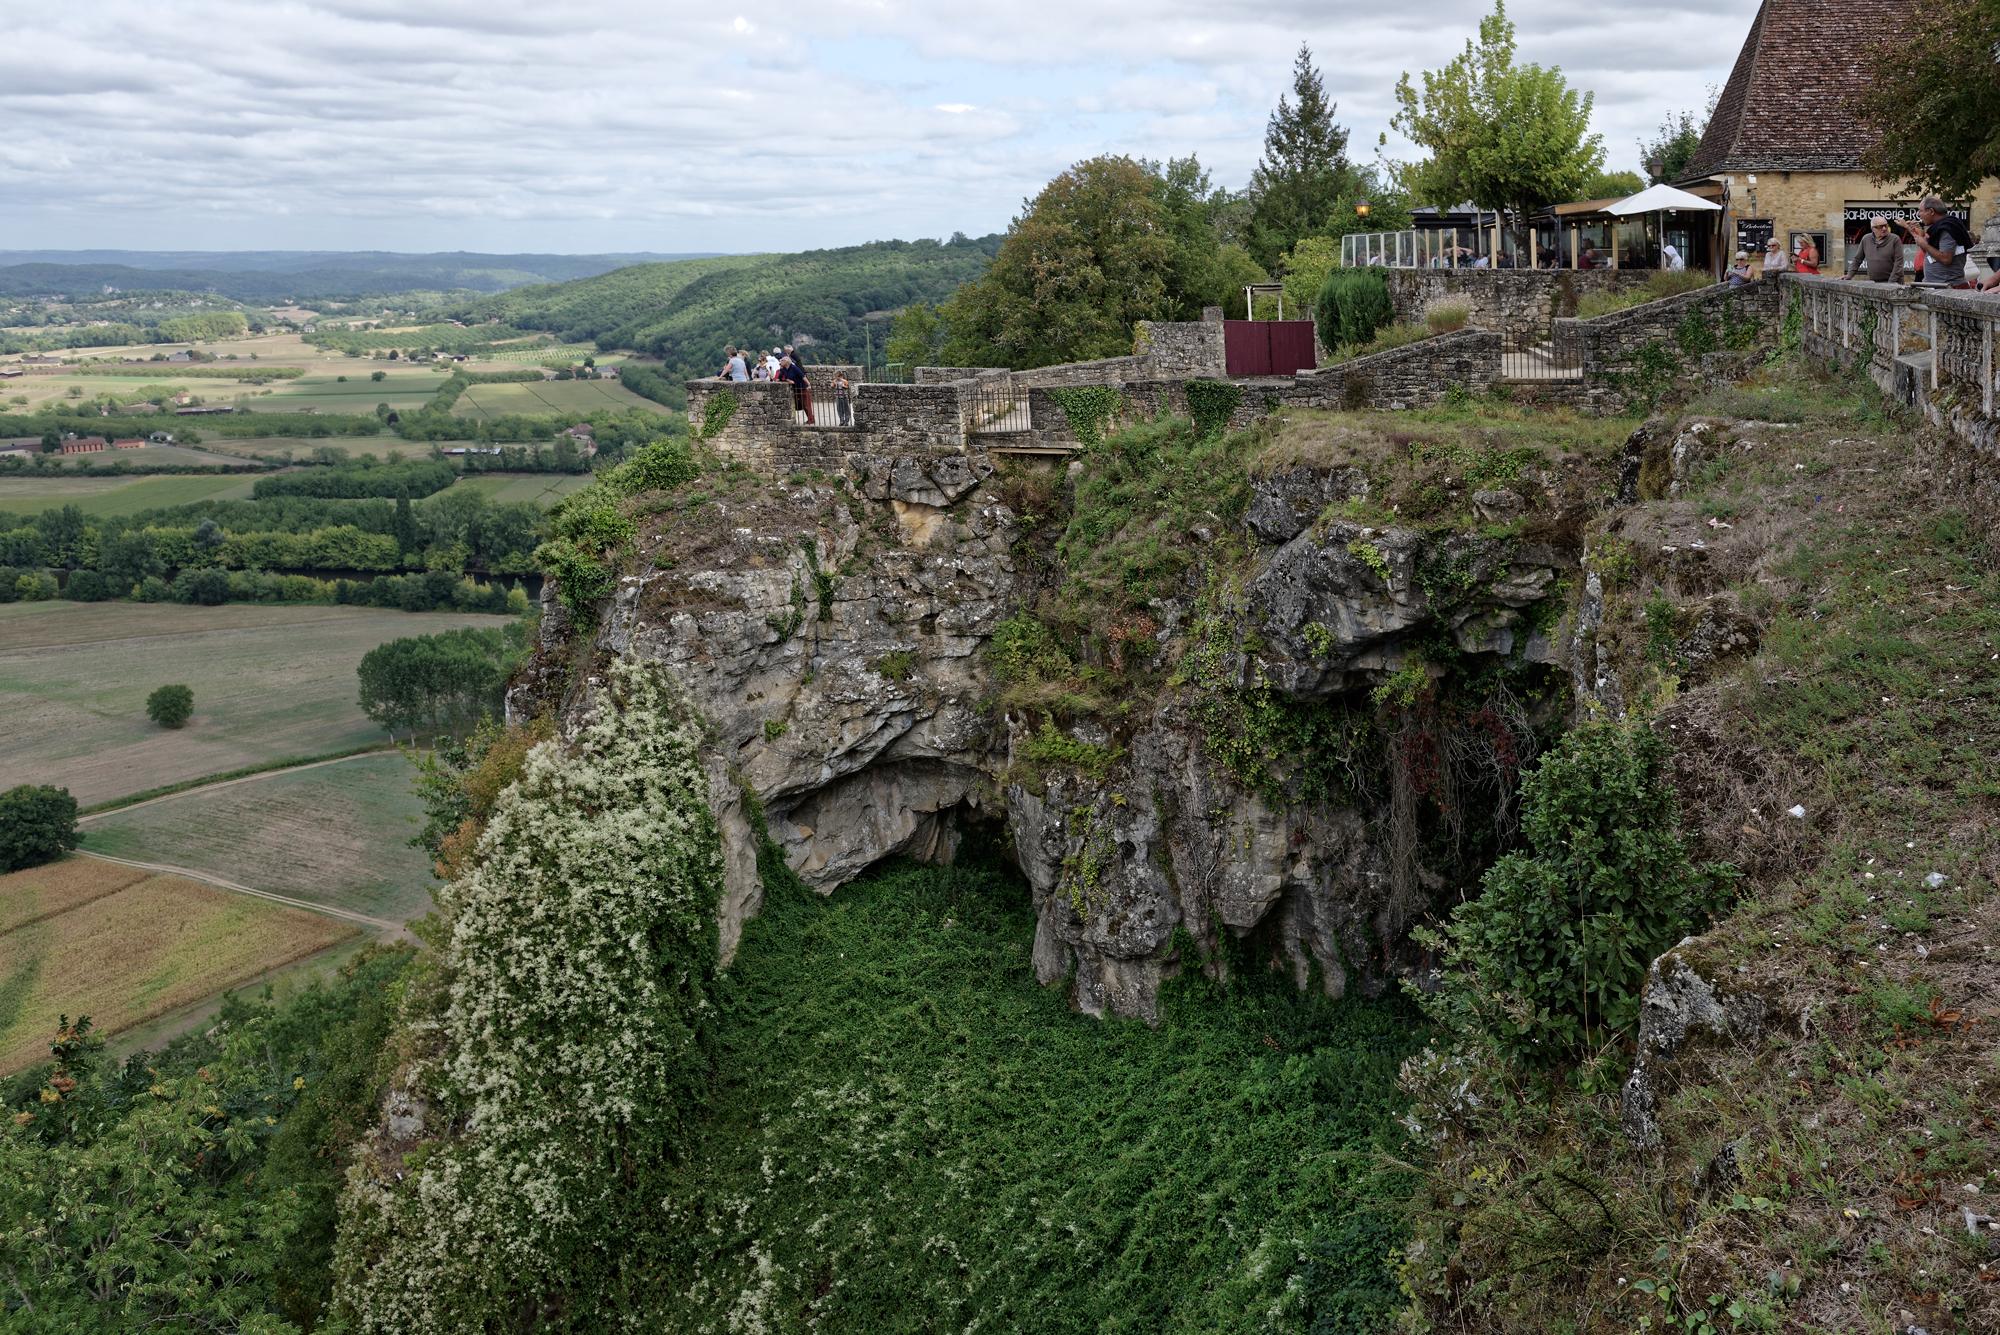 Das Plateau, auf dem Domme erbaut wurde, ist voller Löcher